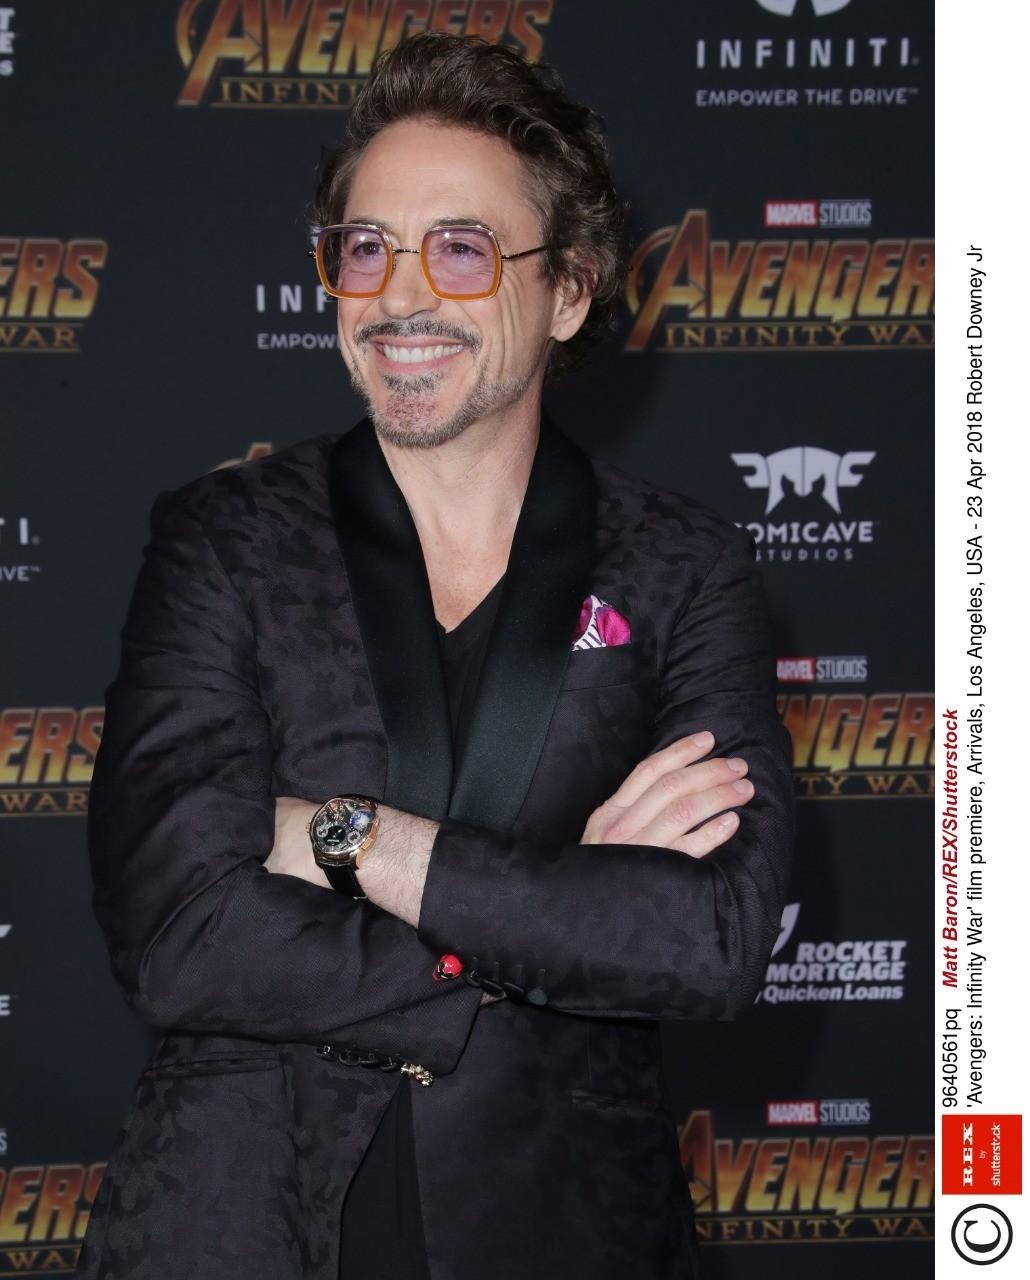 Знаменитый актер, сыгравший вфильмах «Железный человек», «Мстители» и«Шерлок Холмс», неполучил «Оскар», хотя ибыл номинирован. Но Роберт нерасстраивается. Он смело заявляет: «Даже ес...